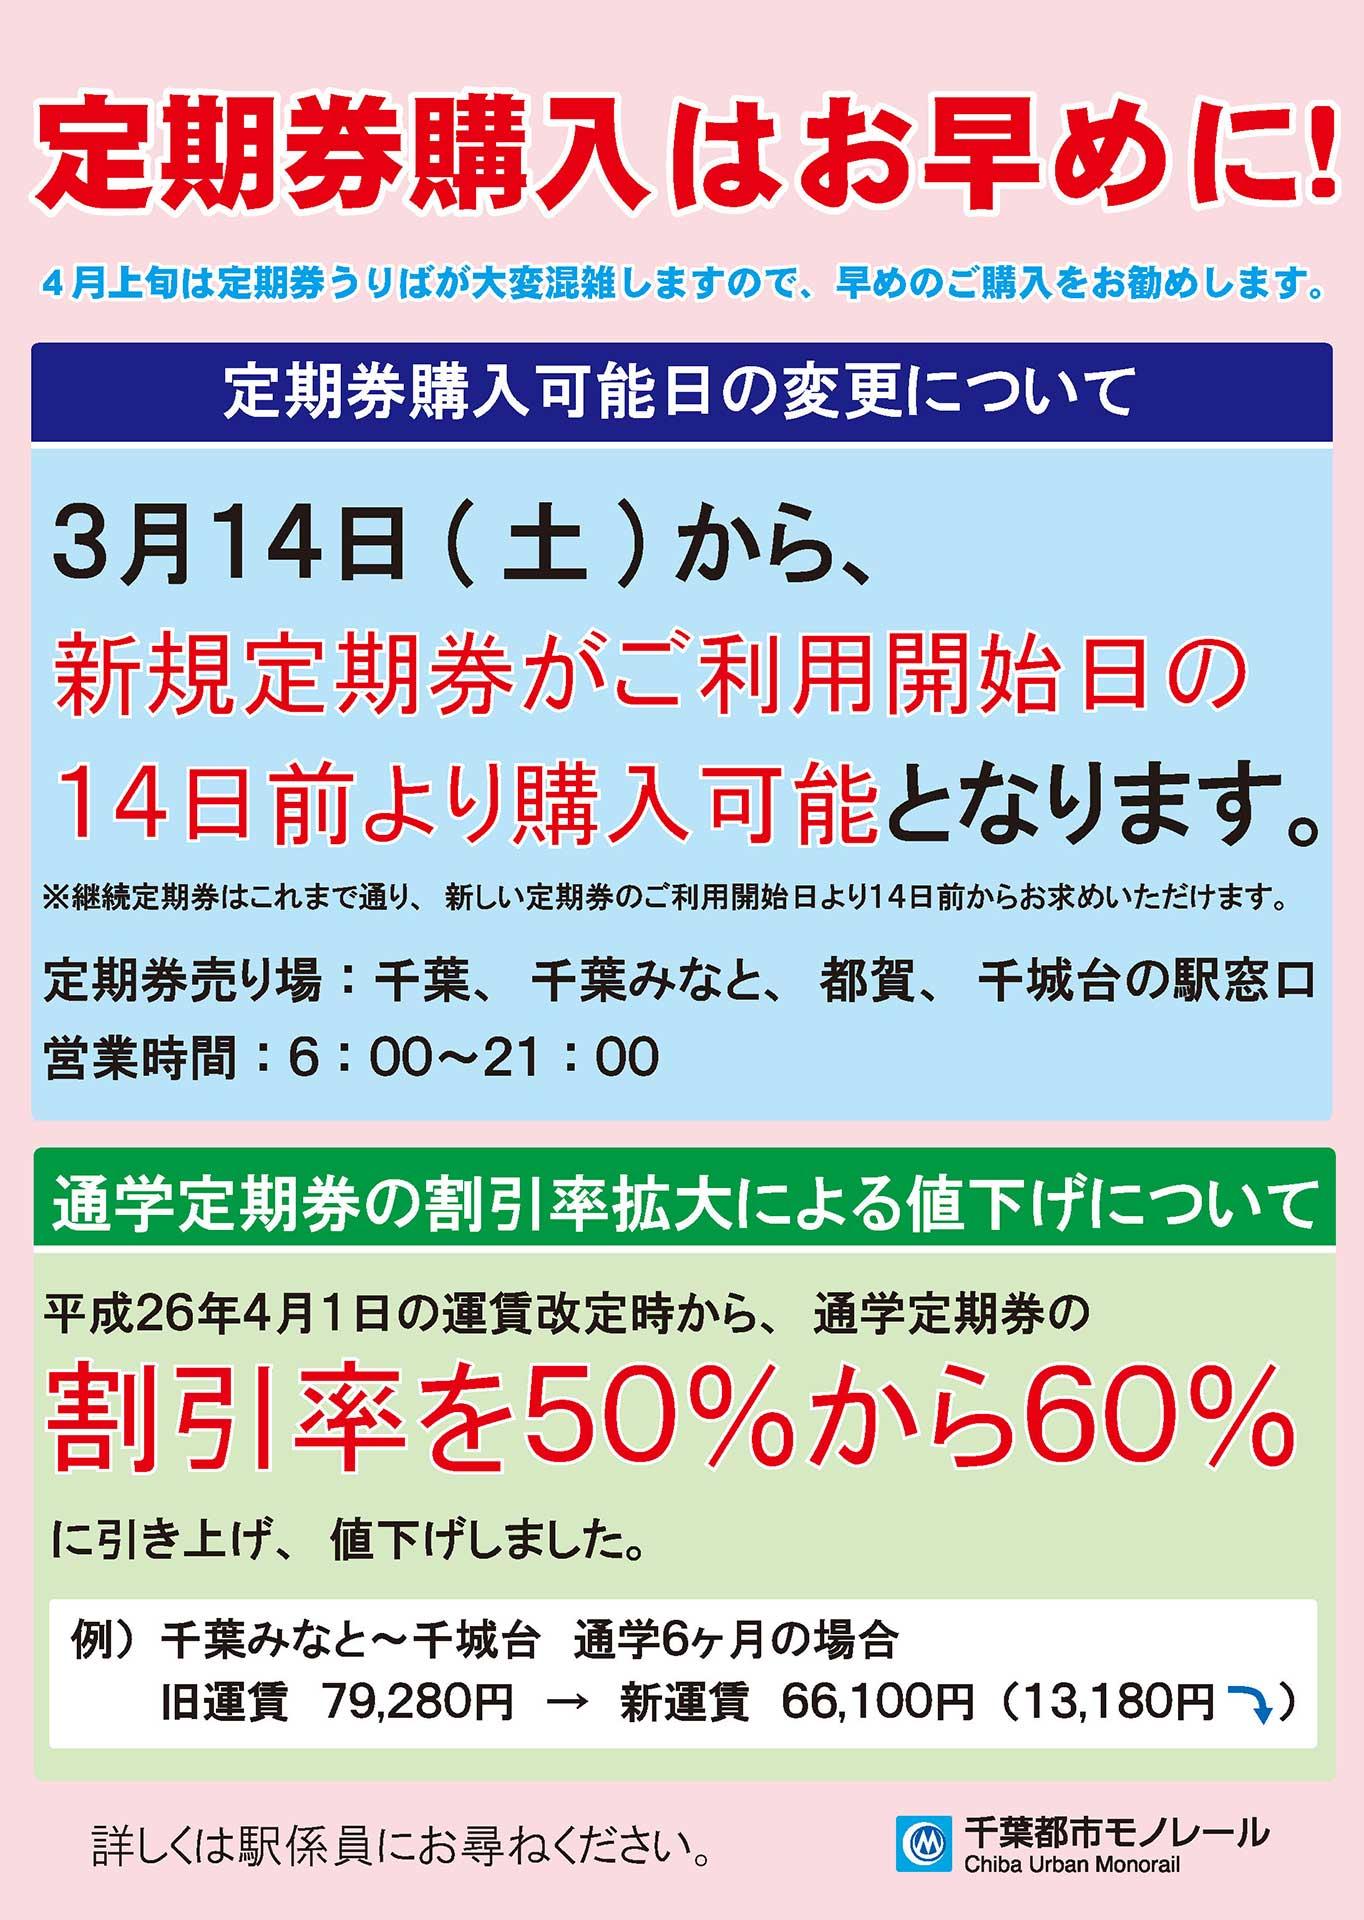 新規定期券がご利用開始日の14日前から購入可能となります